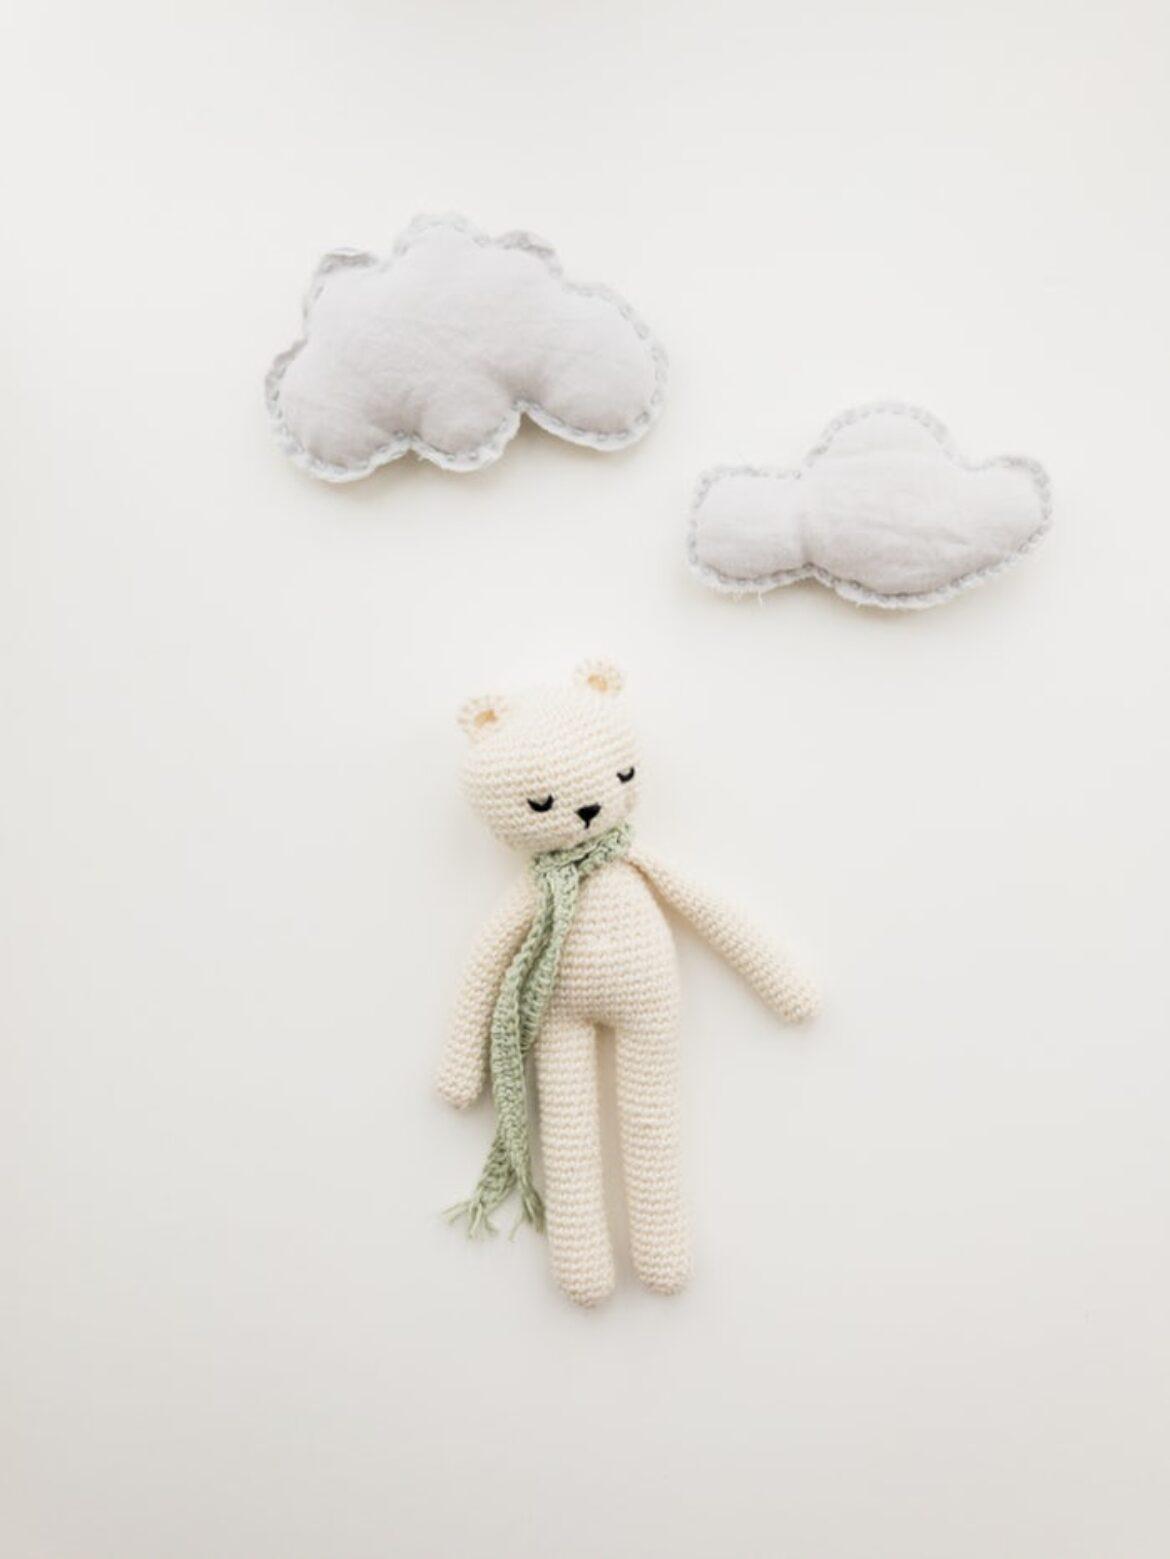 Disturbi depressivi nei bambini, depressione infanzia, CPP, Centro di Psicologia e Psicoterapia, Torino, Massena Torino